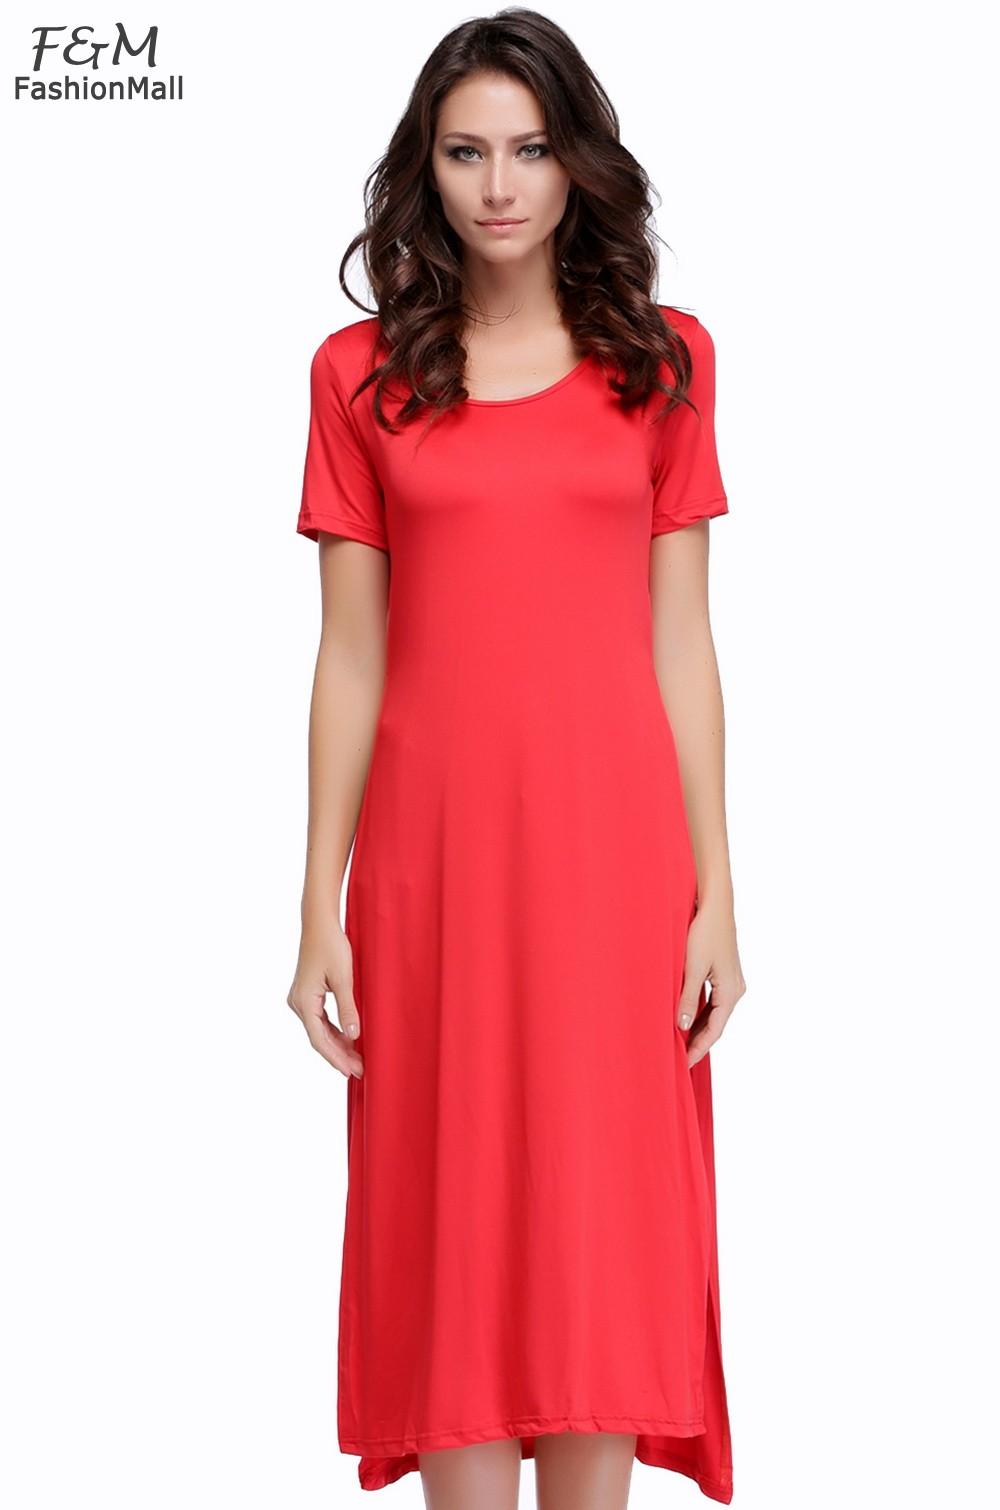 Cheap Tee Shirt Maxi Dress Find Tee Shirt Maxi Dress Deals On Line